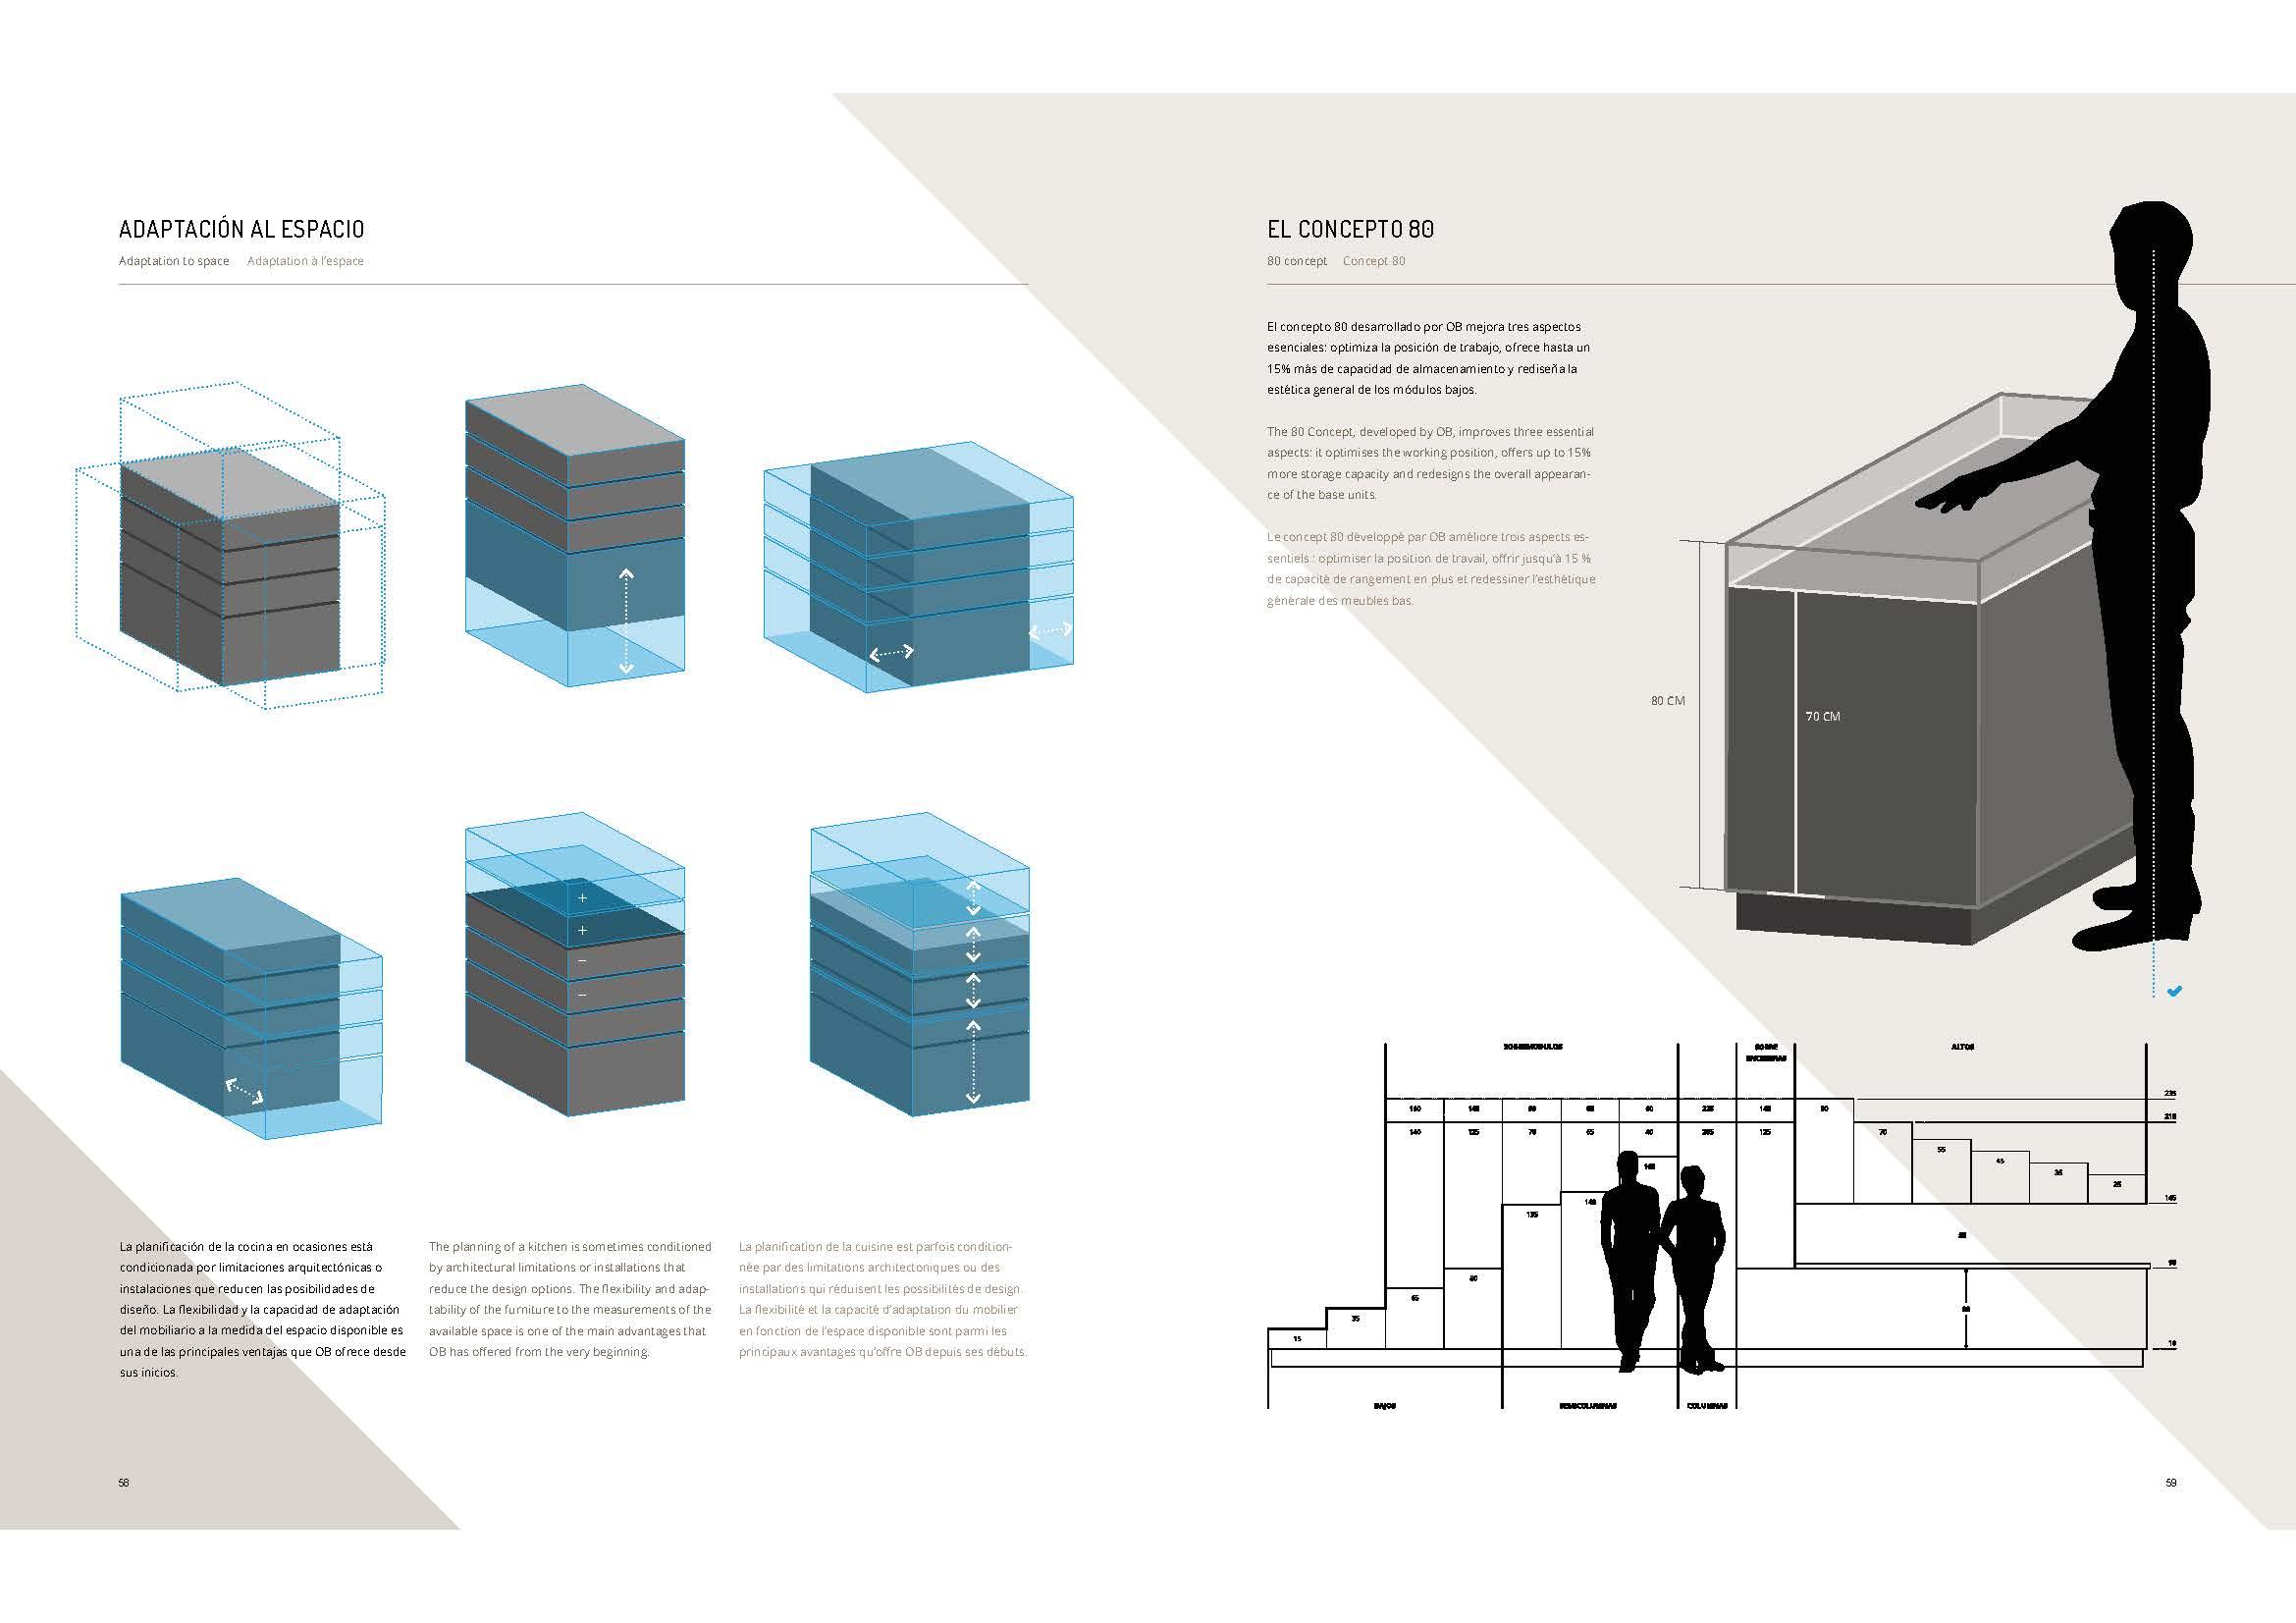 Ficha técnica de adaptación al espacio de la cocina